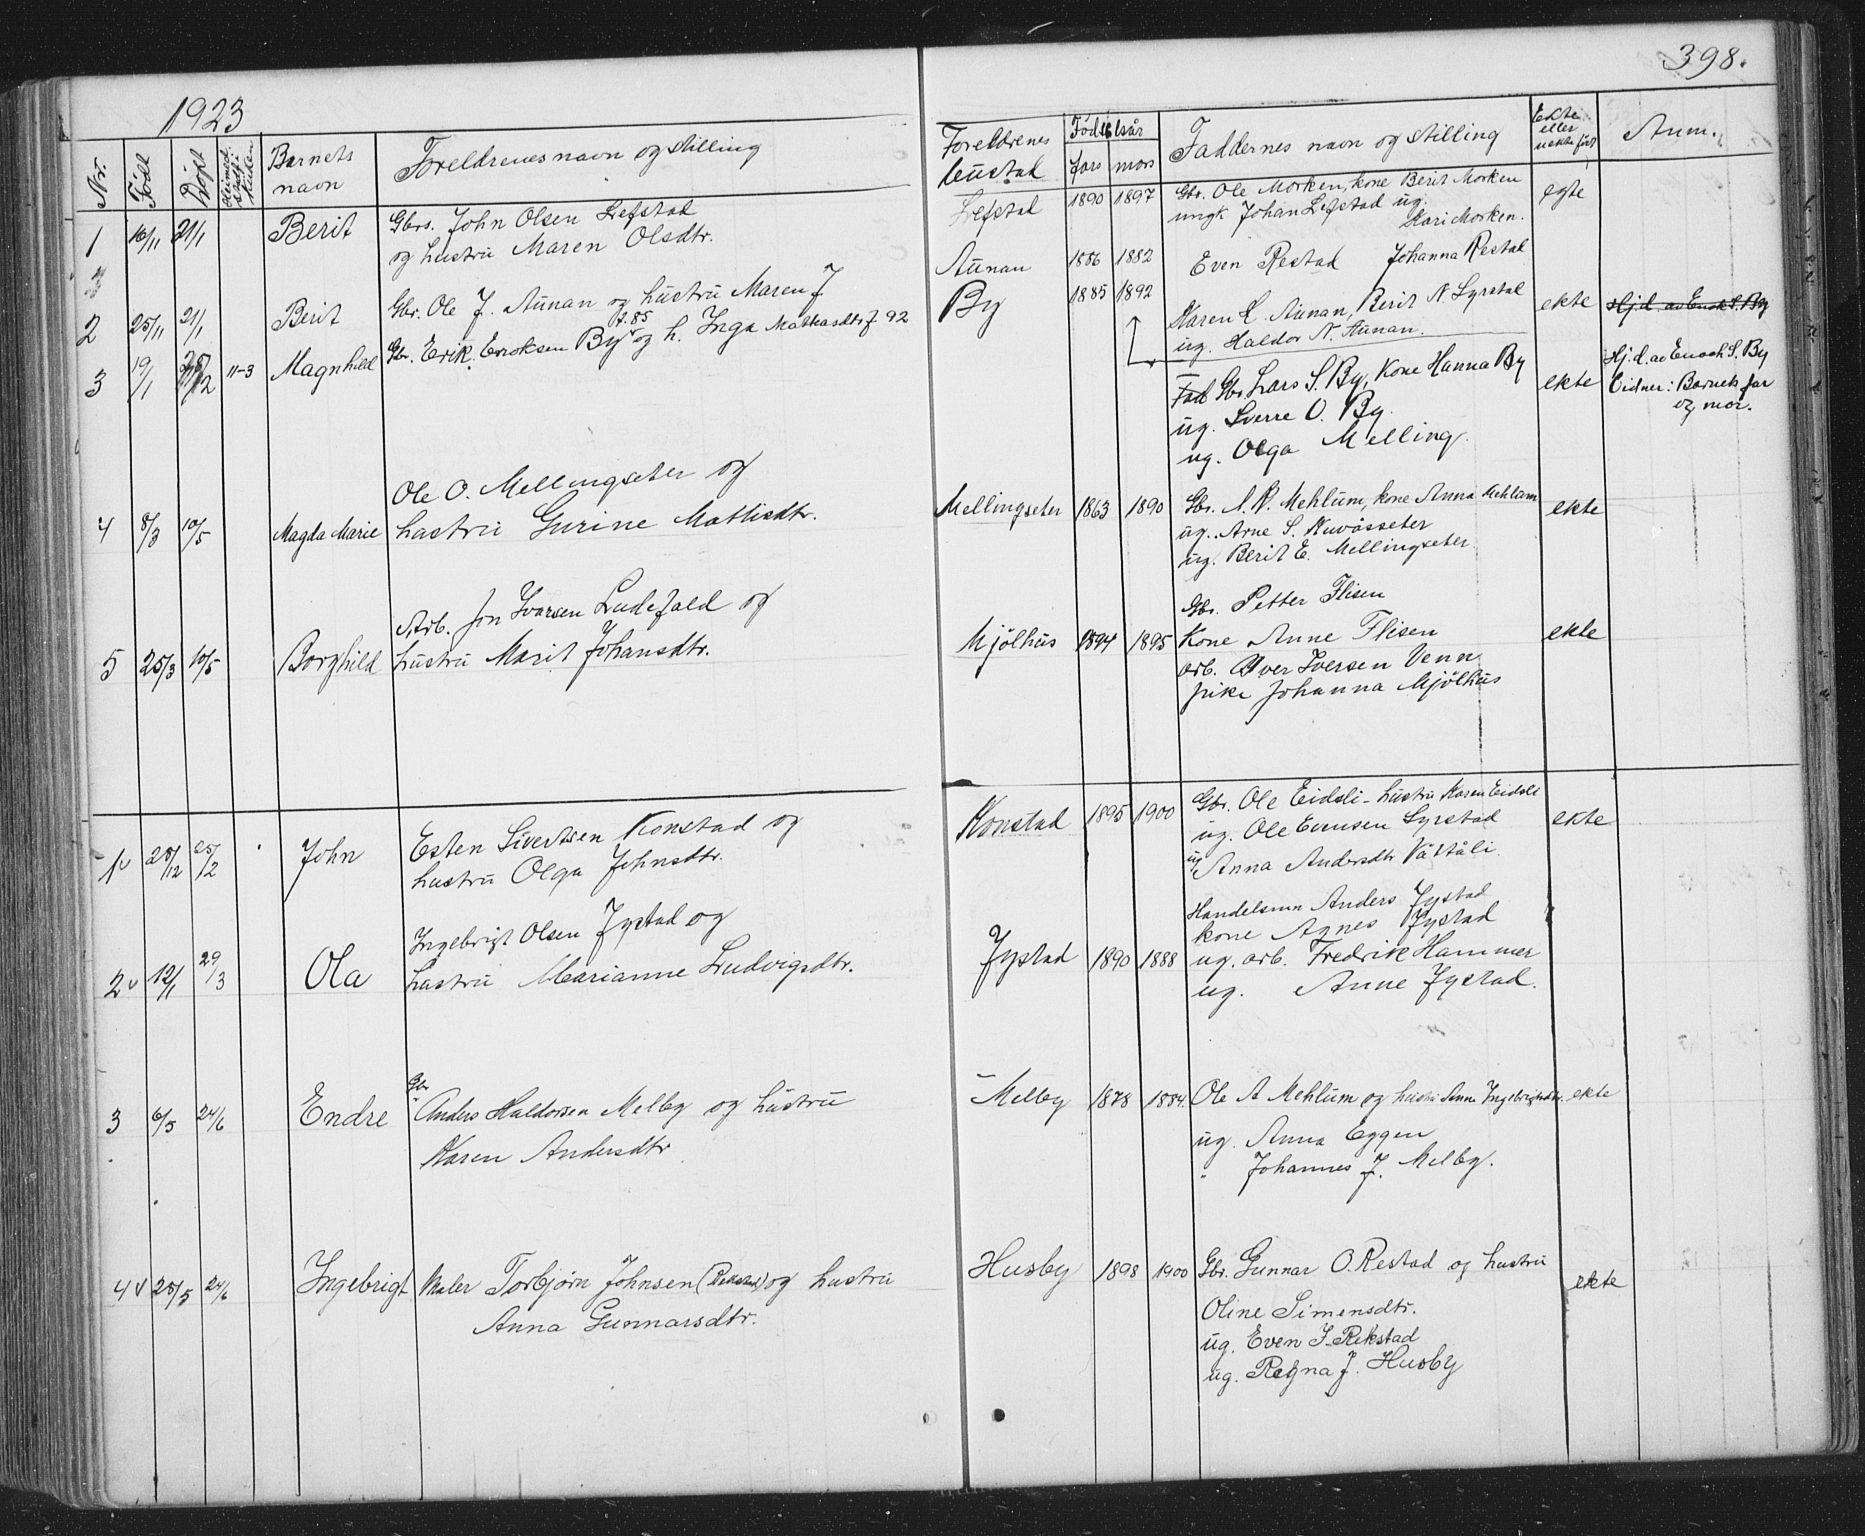 SAT, Ministerialprotokoller, klokkerbøker og fødselsregistre - Sør-Trøndelag, 667/L0798: Klokkerbok nr. 667C03, 1867-1929, s. 398